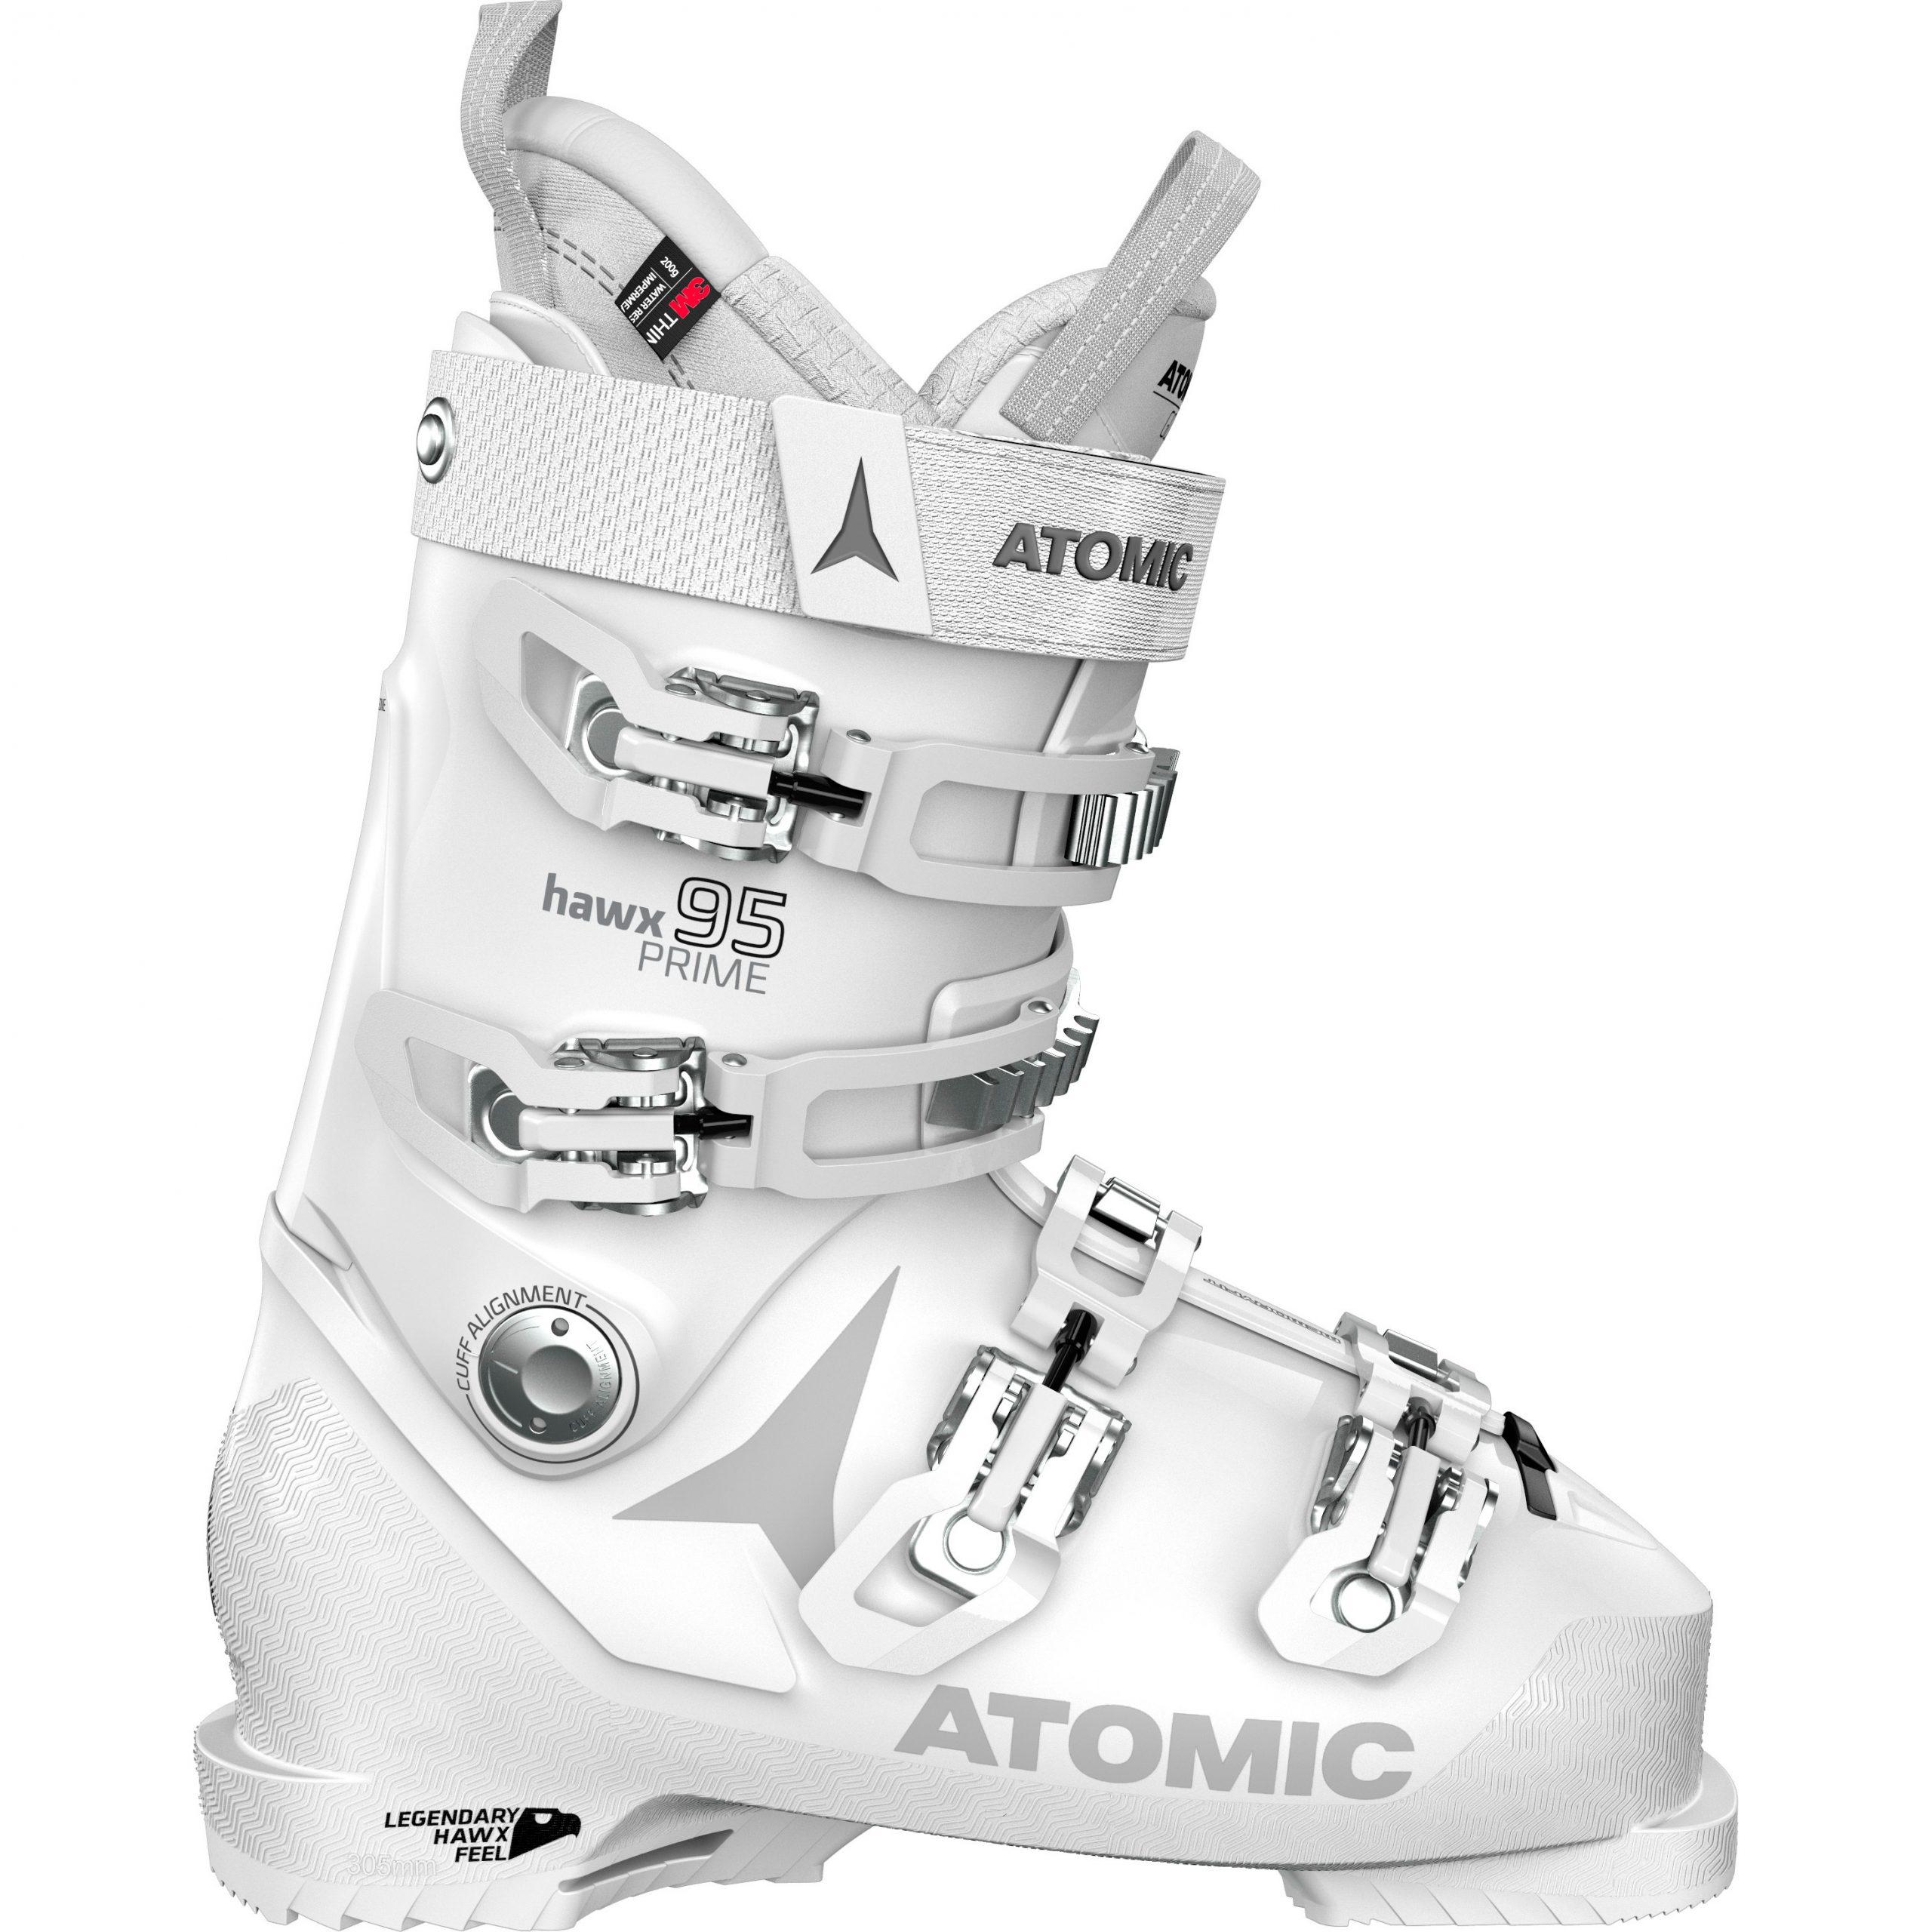 Botte Atomic Hawx Prime 95 Femme Blanc Argent